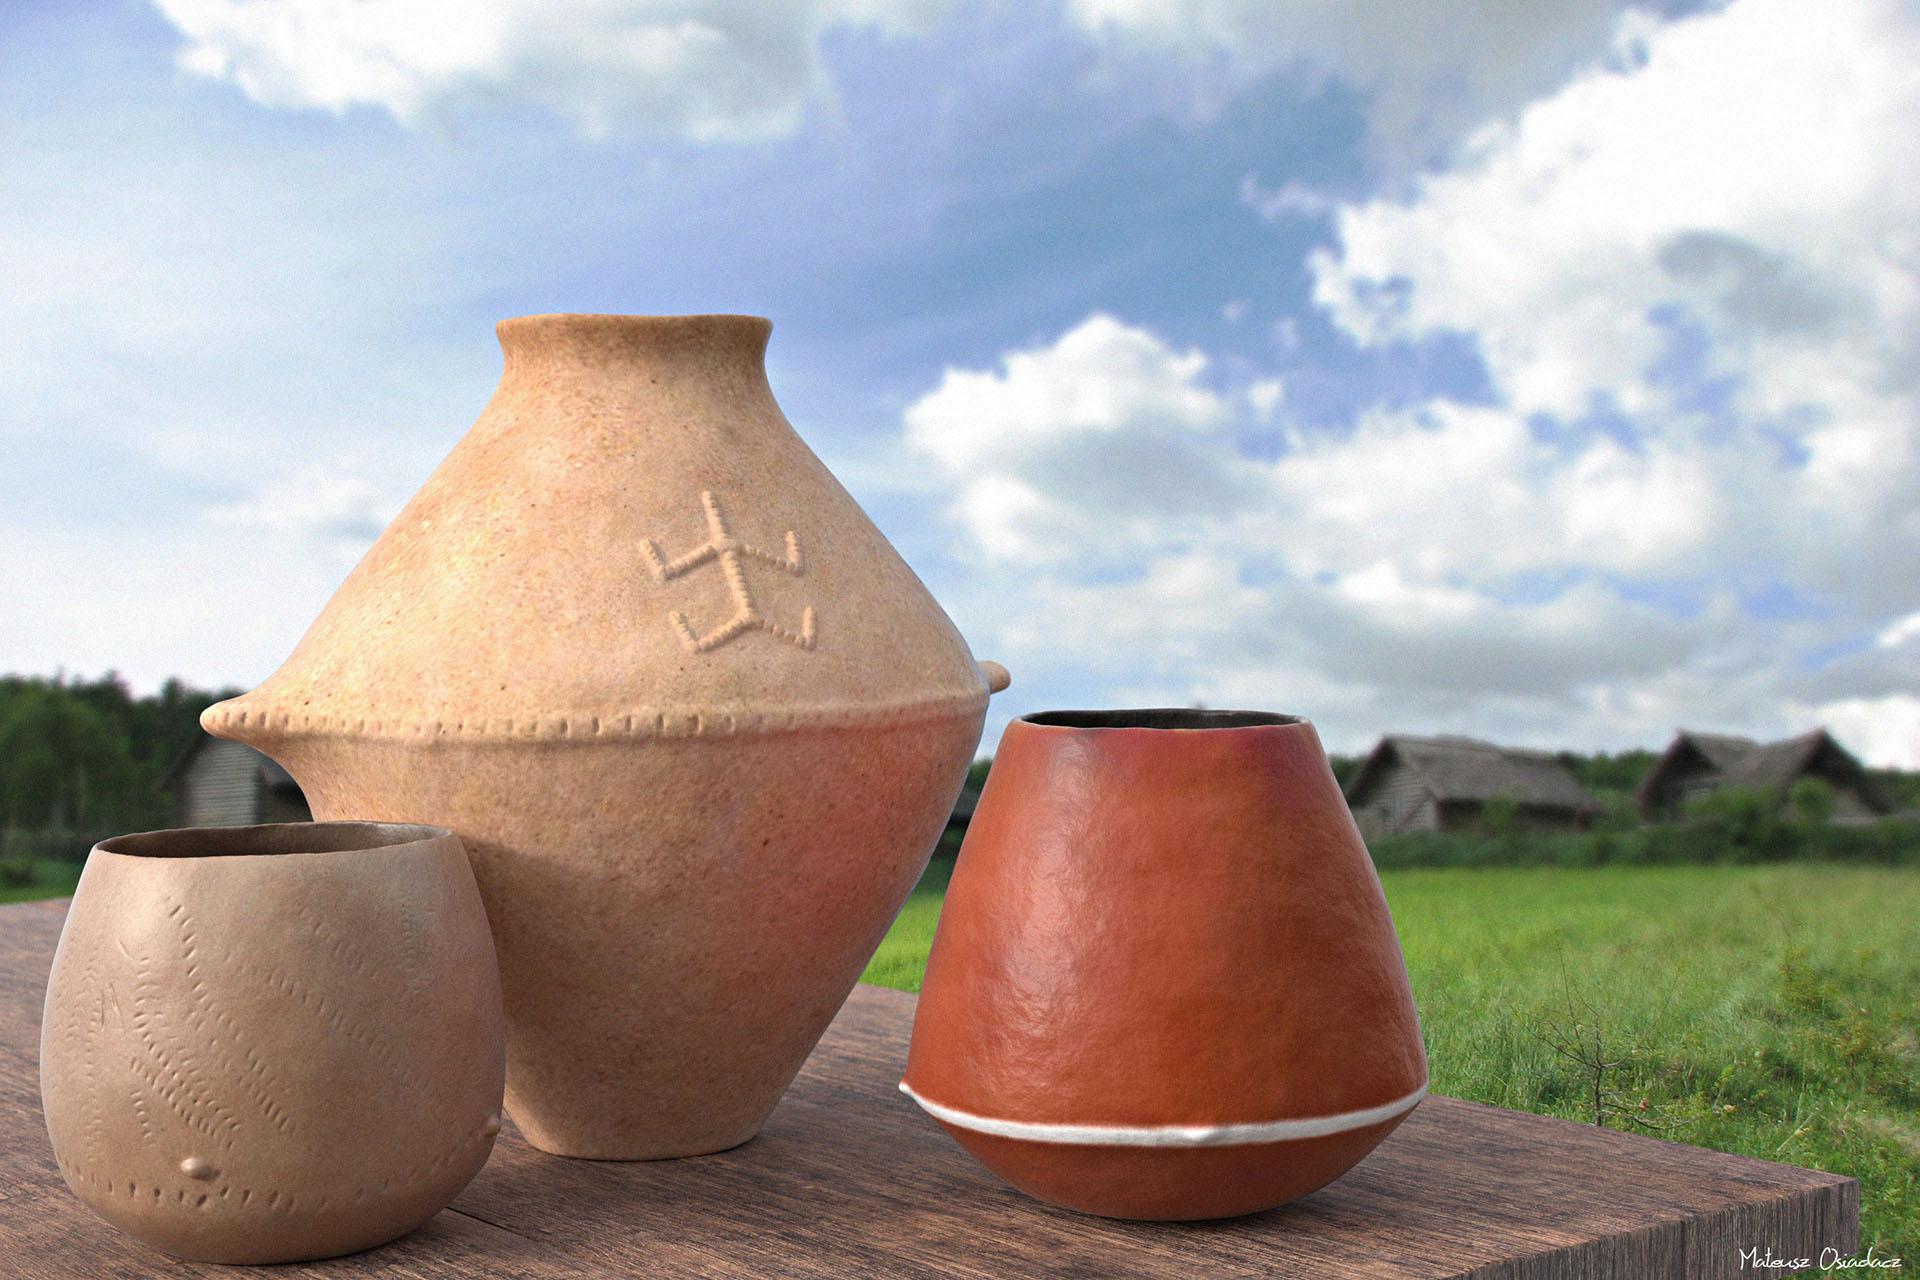 wizualizacja 3D neolitycznych zabytków ceramiki